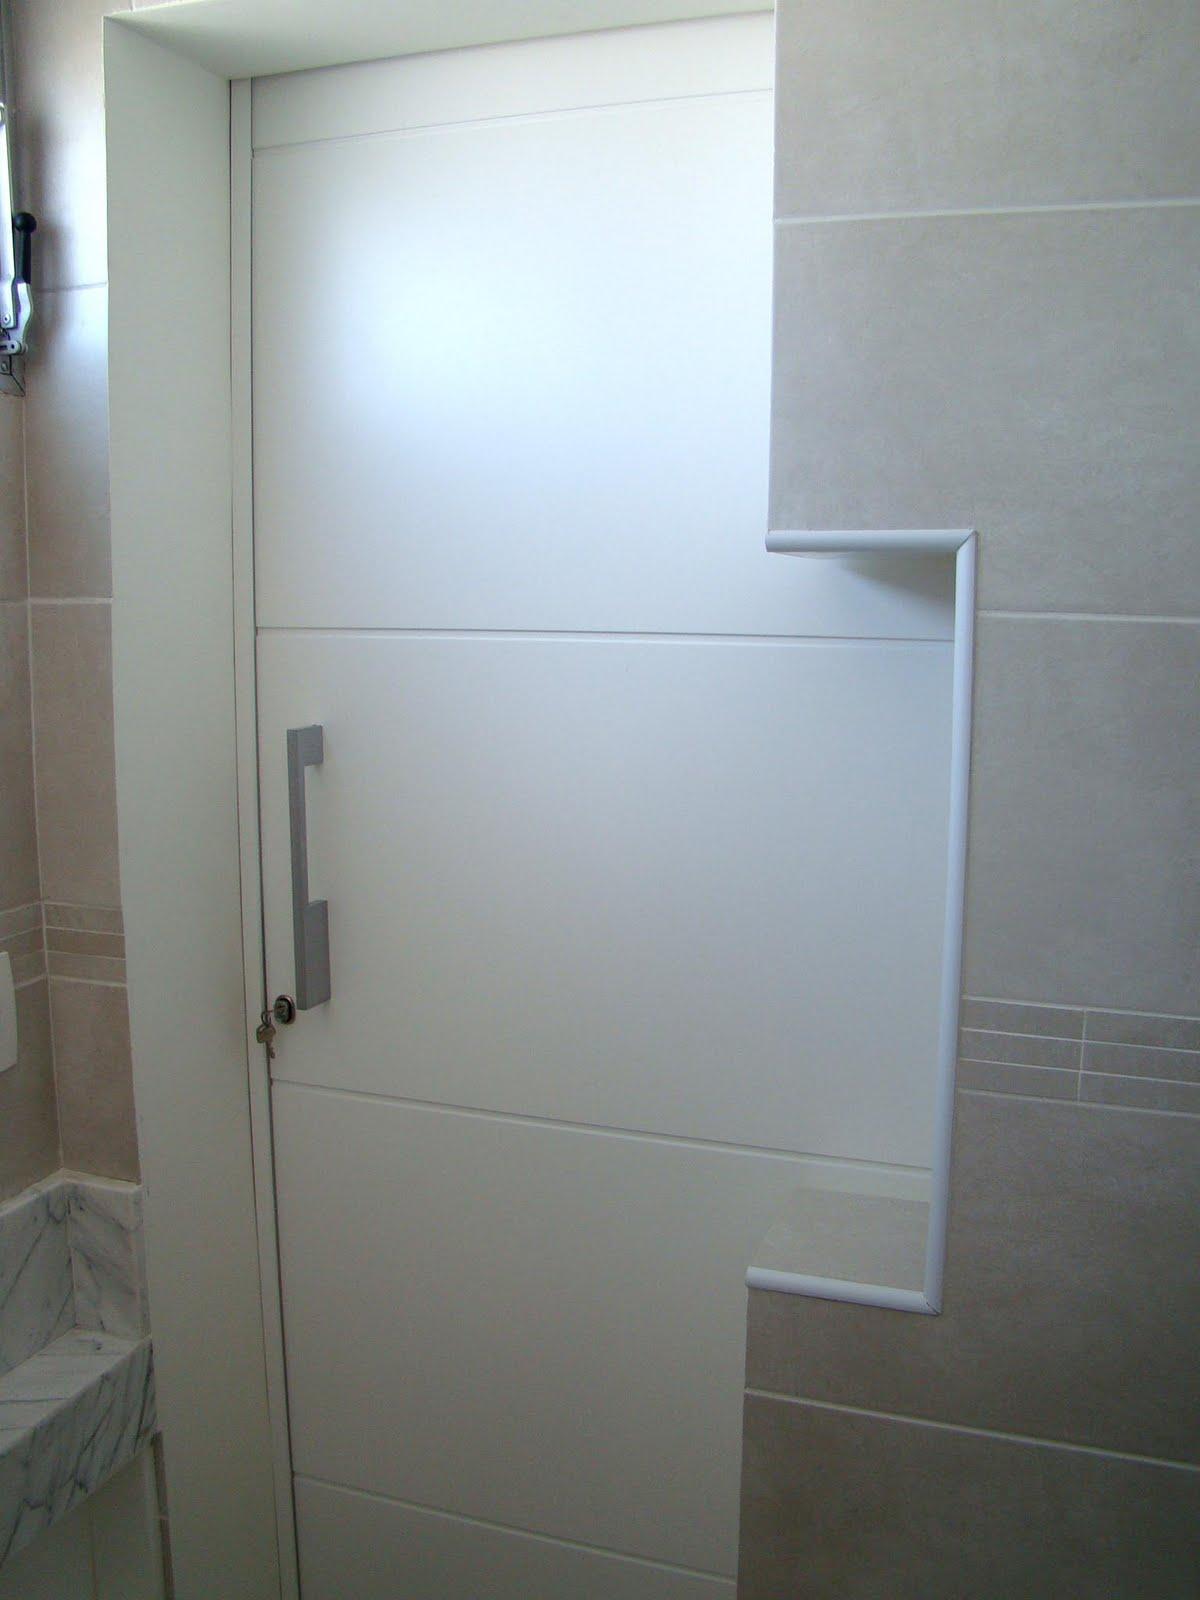 de se encaixar a mão nem requer esfôrço para acionar a porta #4A6D81 1200x1600 Banheiro Acessivel Porta De Correr